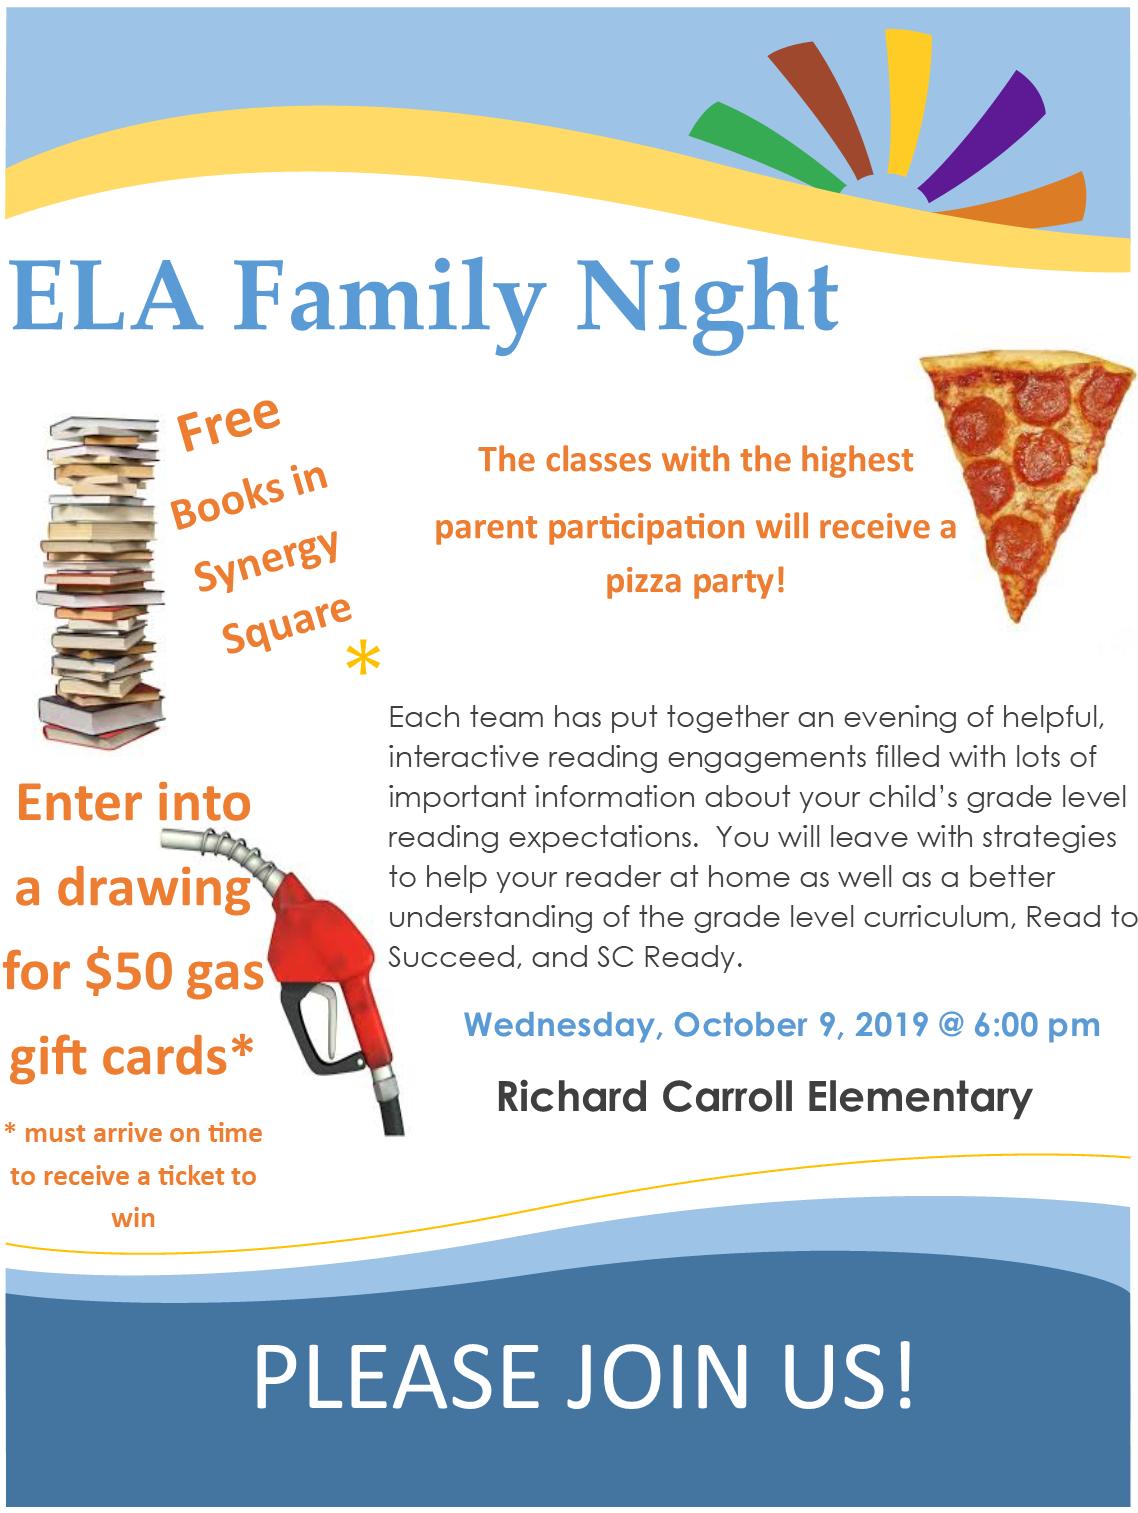 ELA Family Night